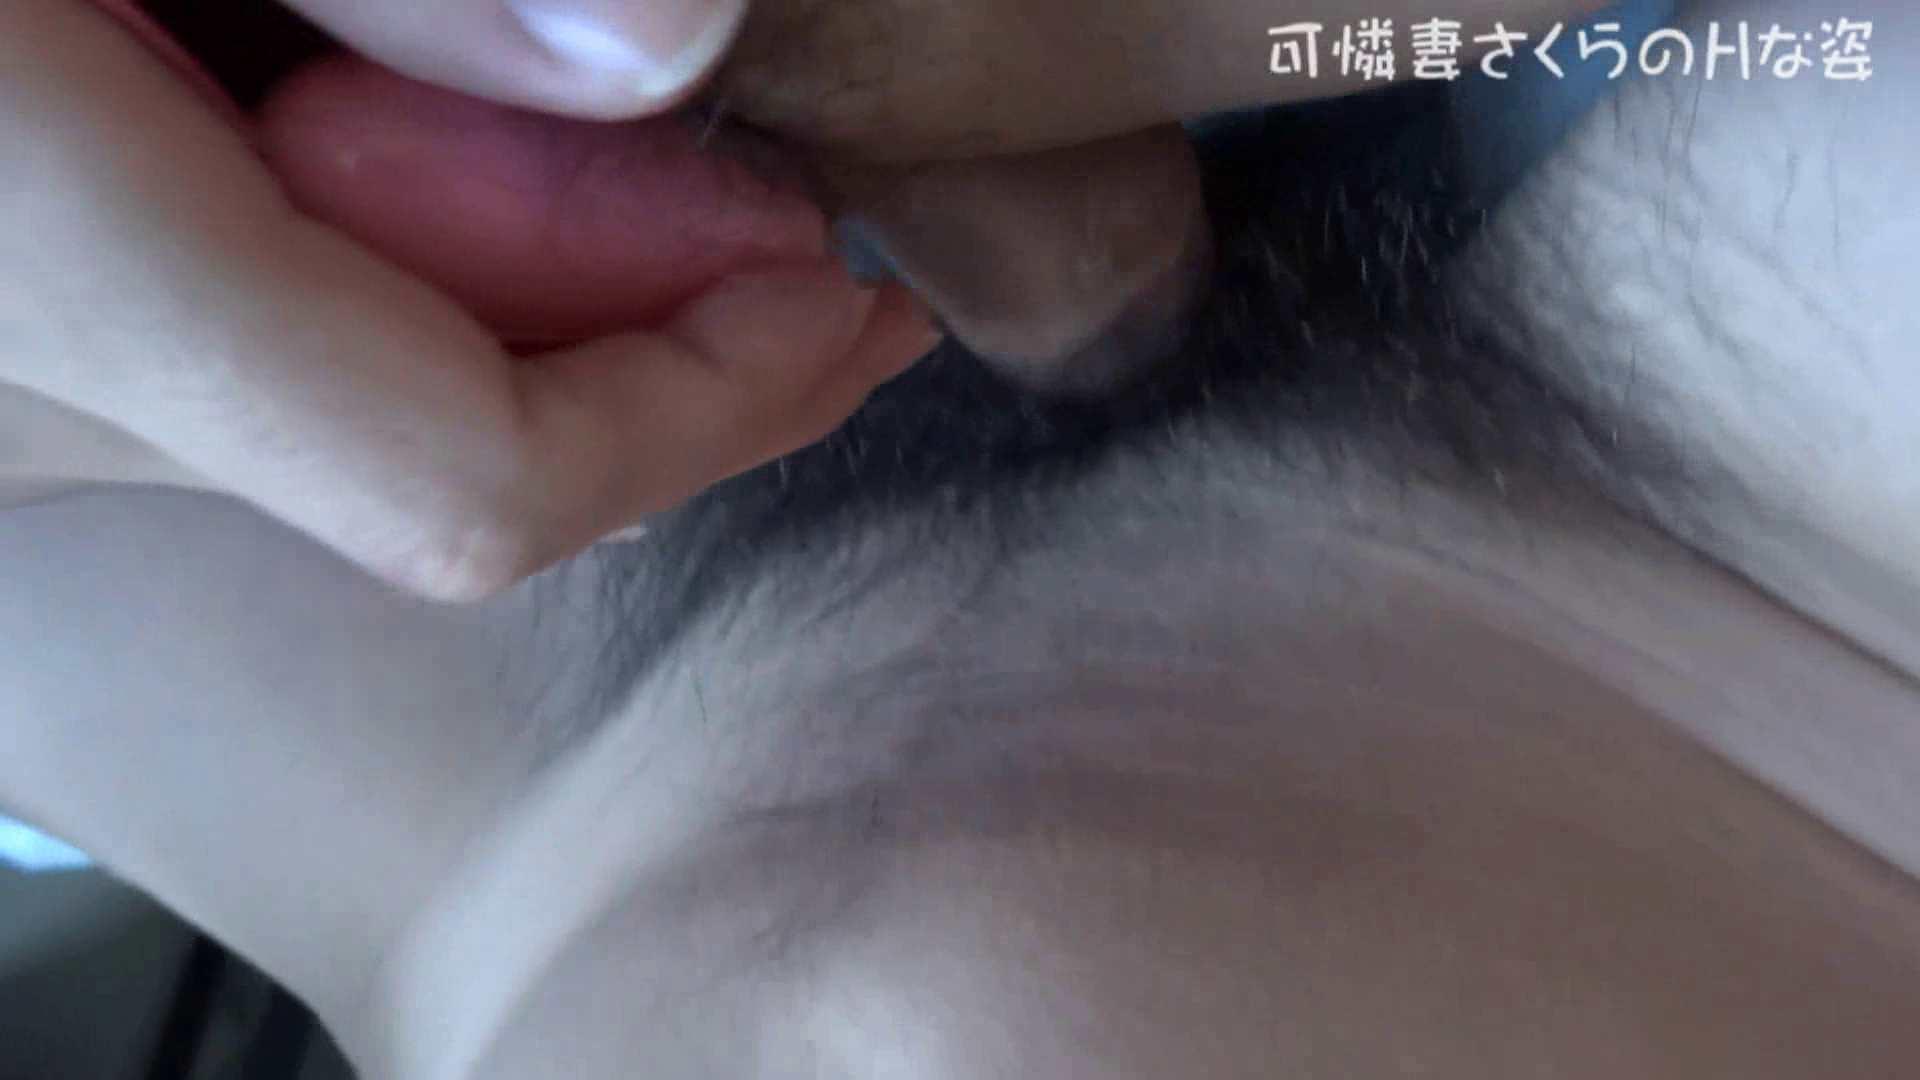 可憐妻さくらのHな姿vol.18 オナニー集 スケベ動画紹介 83pic 47